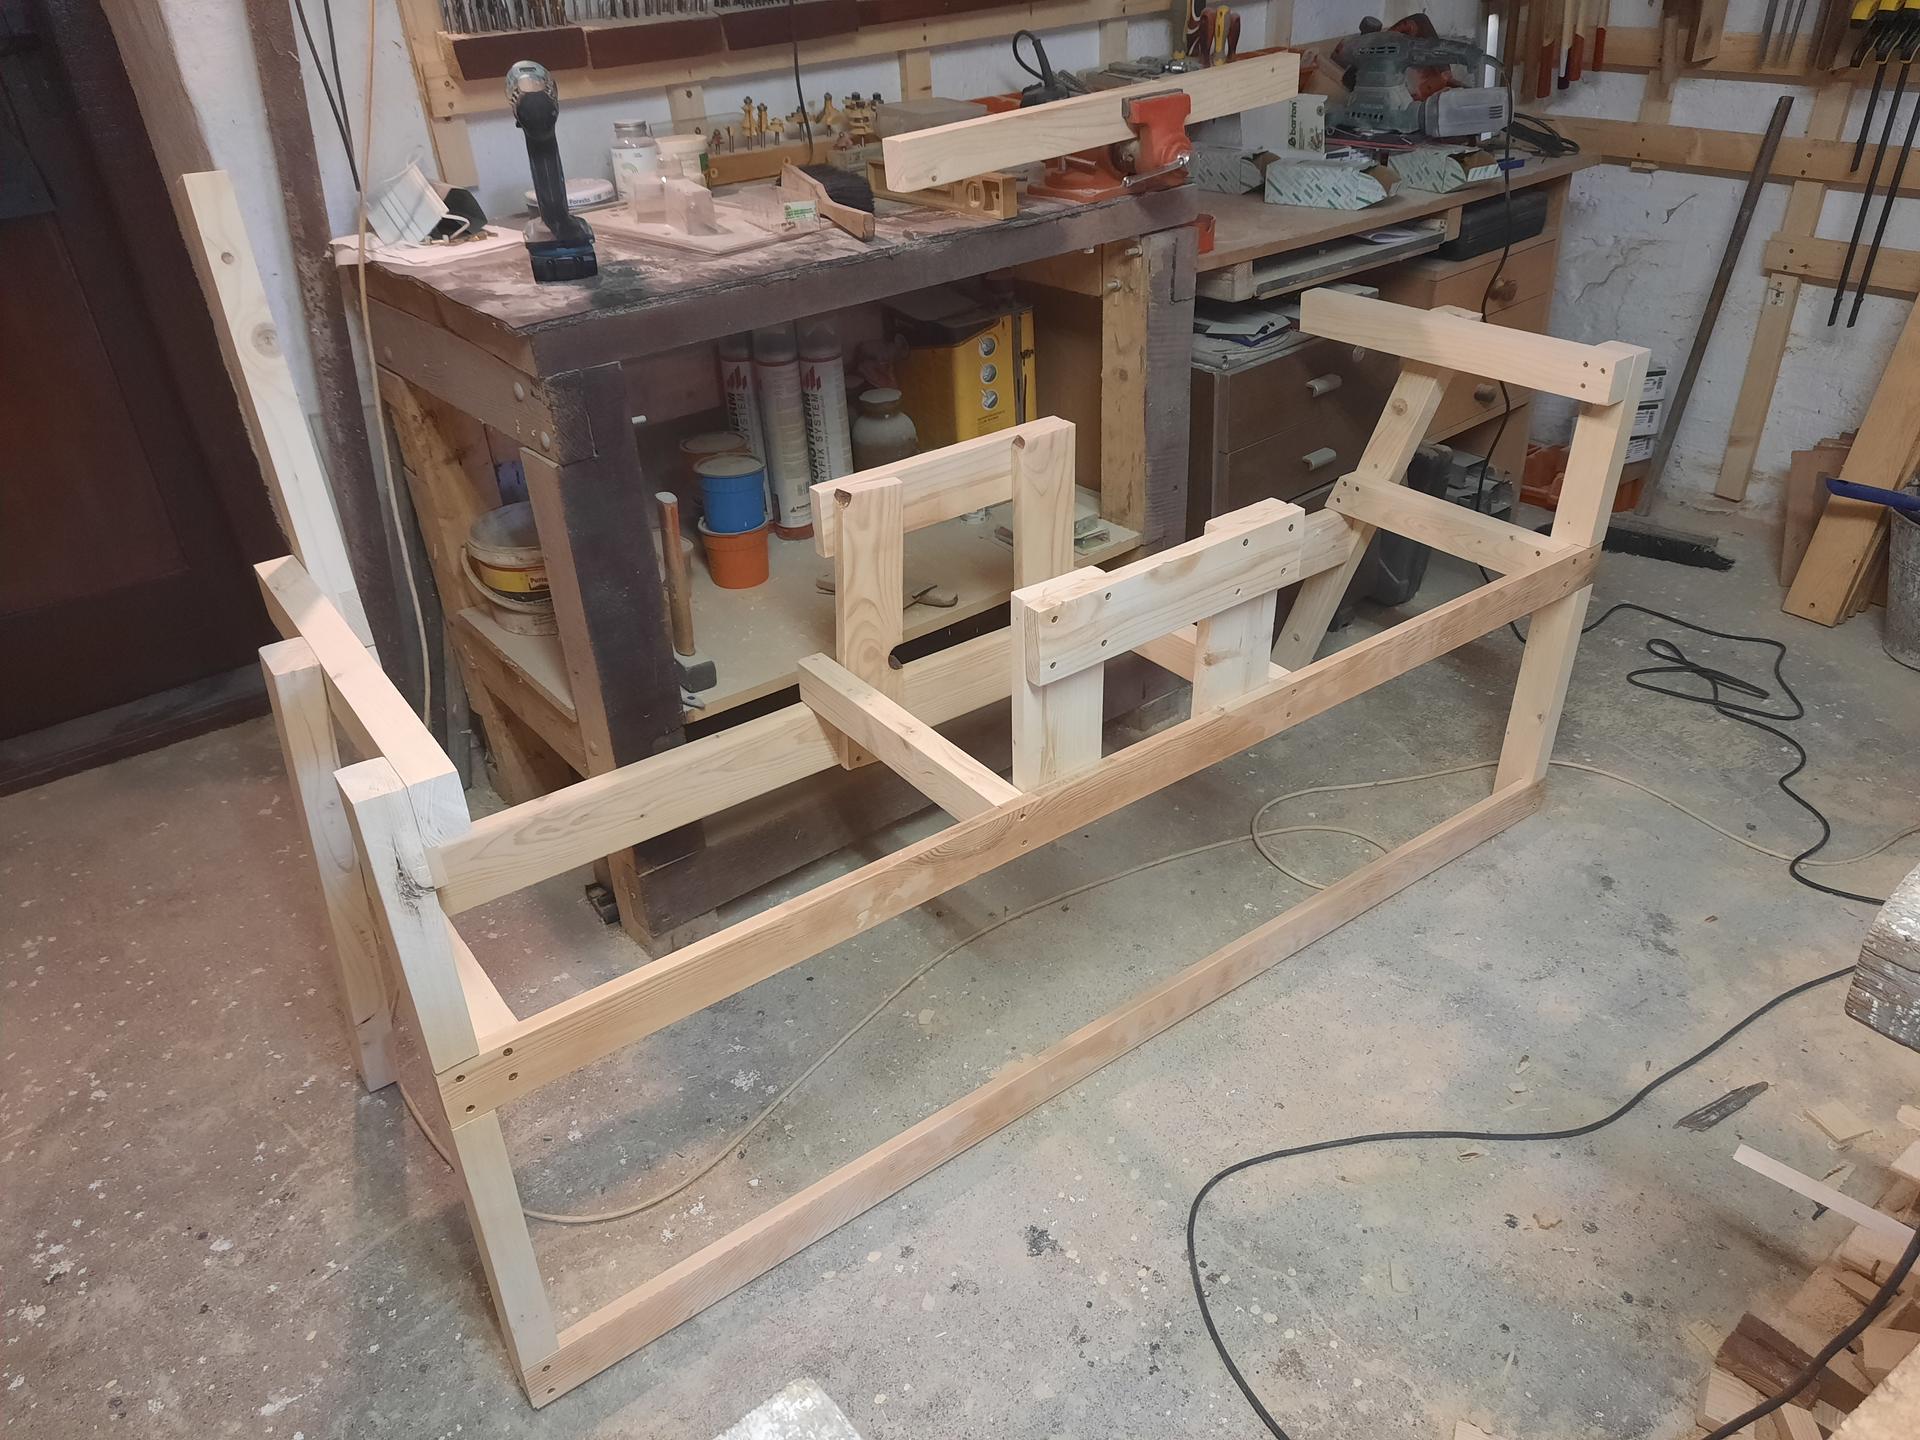 Začala bavit práce se dřevem další na řadě je lavice. Ještě není hotová. Jaká fermežová barva nebo co je nejlepší na dřevo ven? - Obrázek č. 1